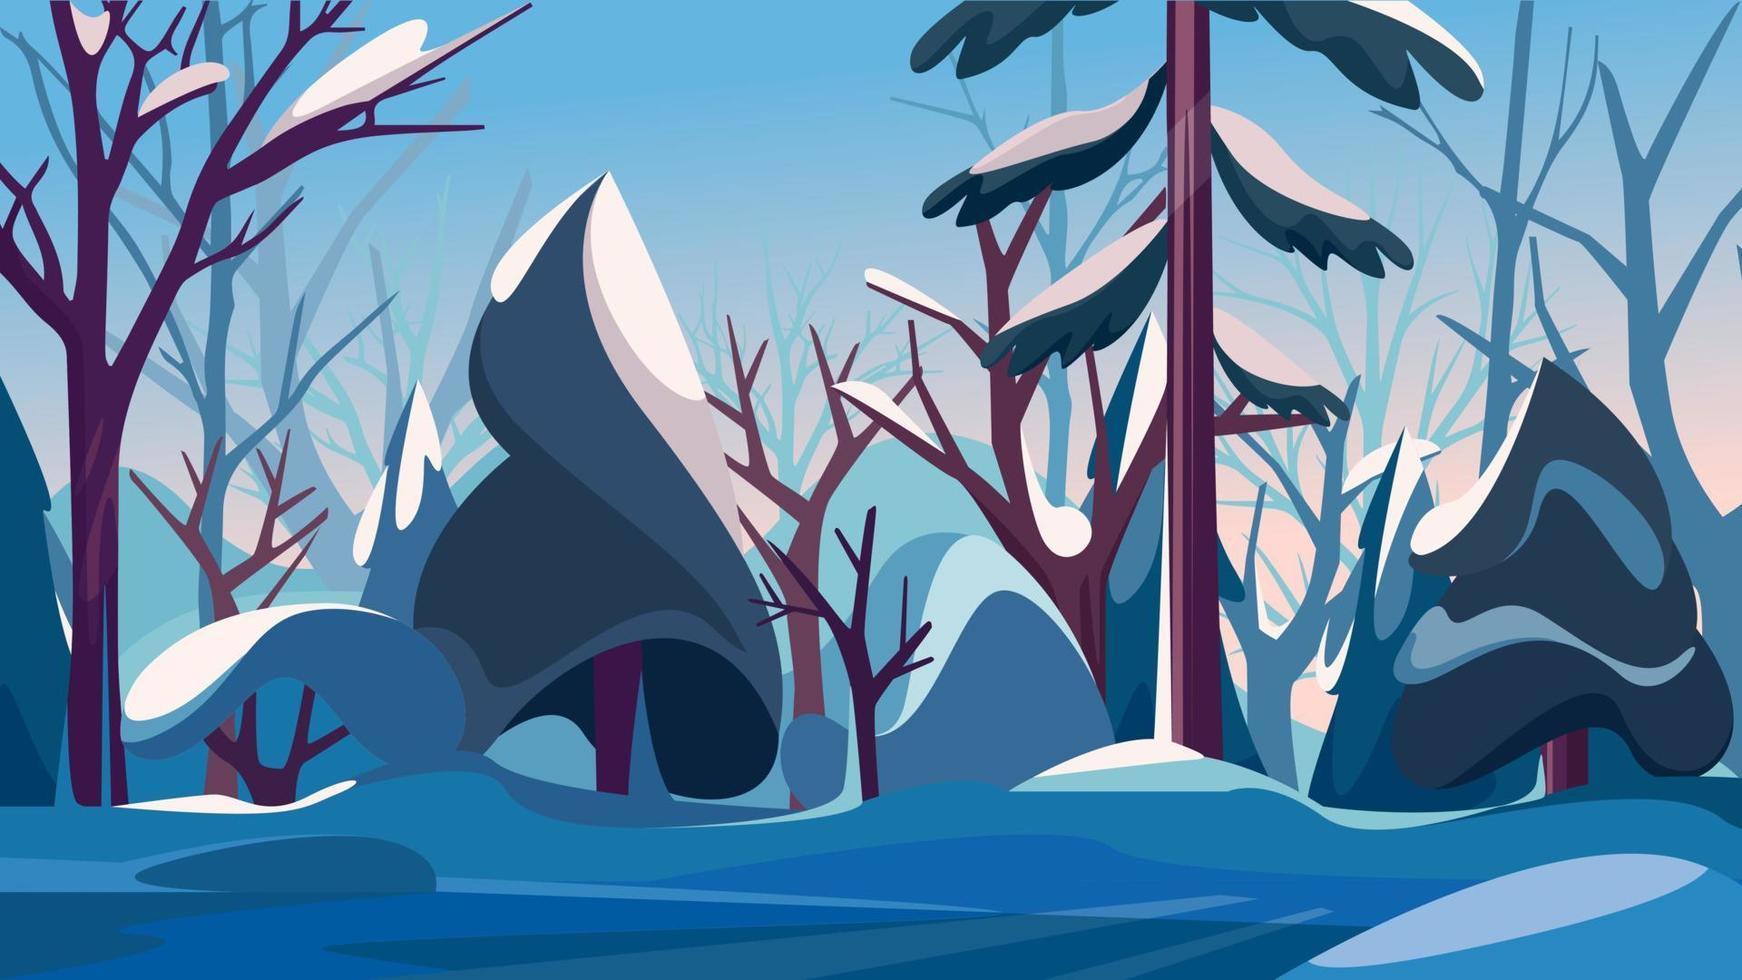 dichter Wald in der Wintersaison. vektor